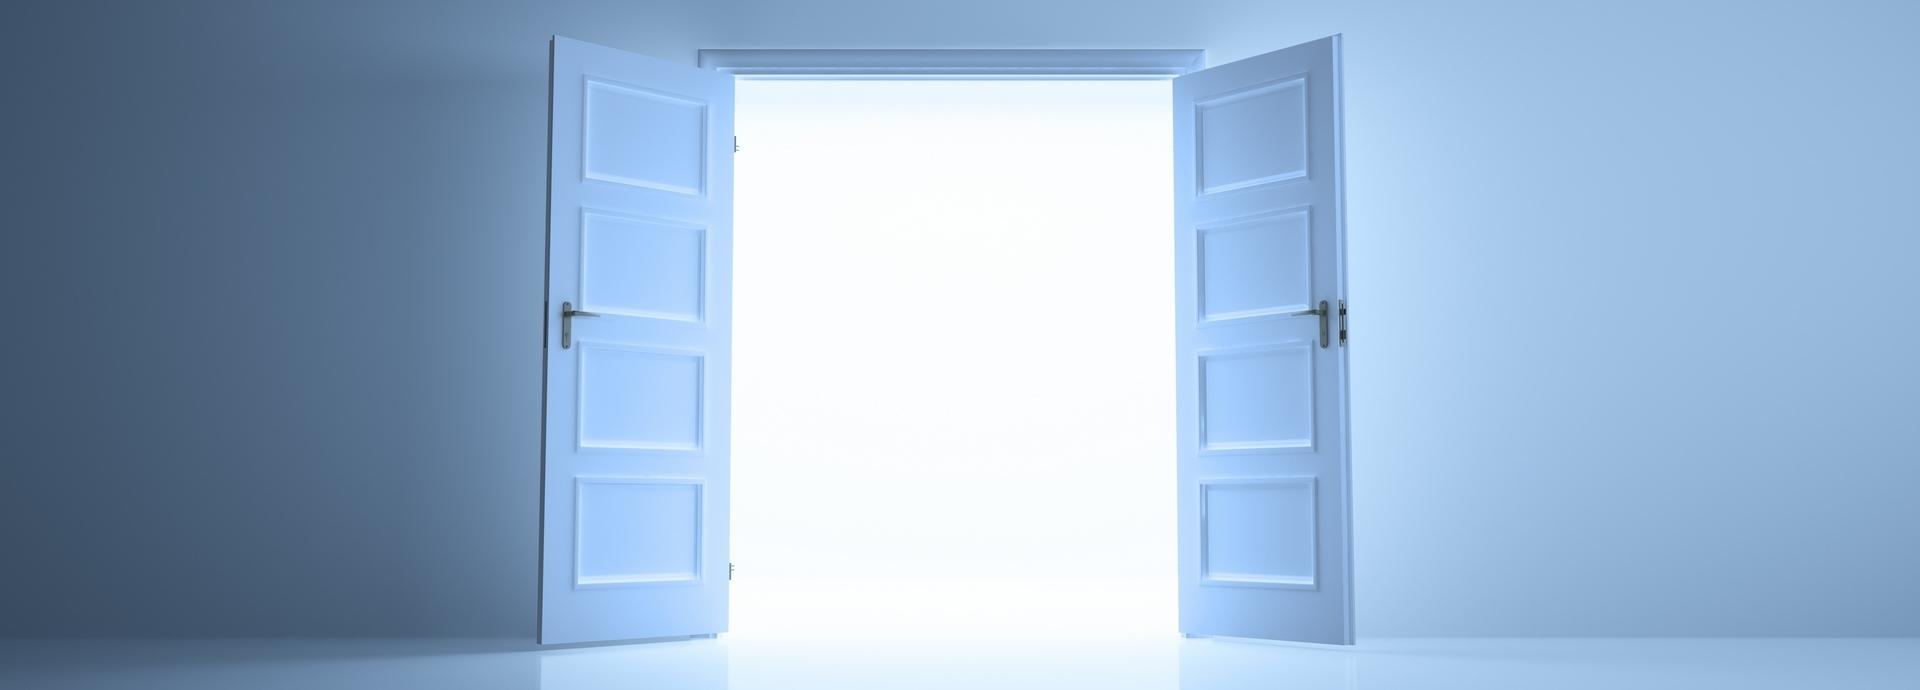 Купить межкомнатные двери в Днепропетровске